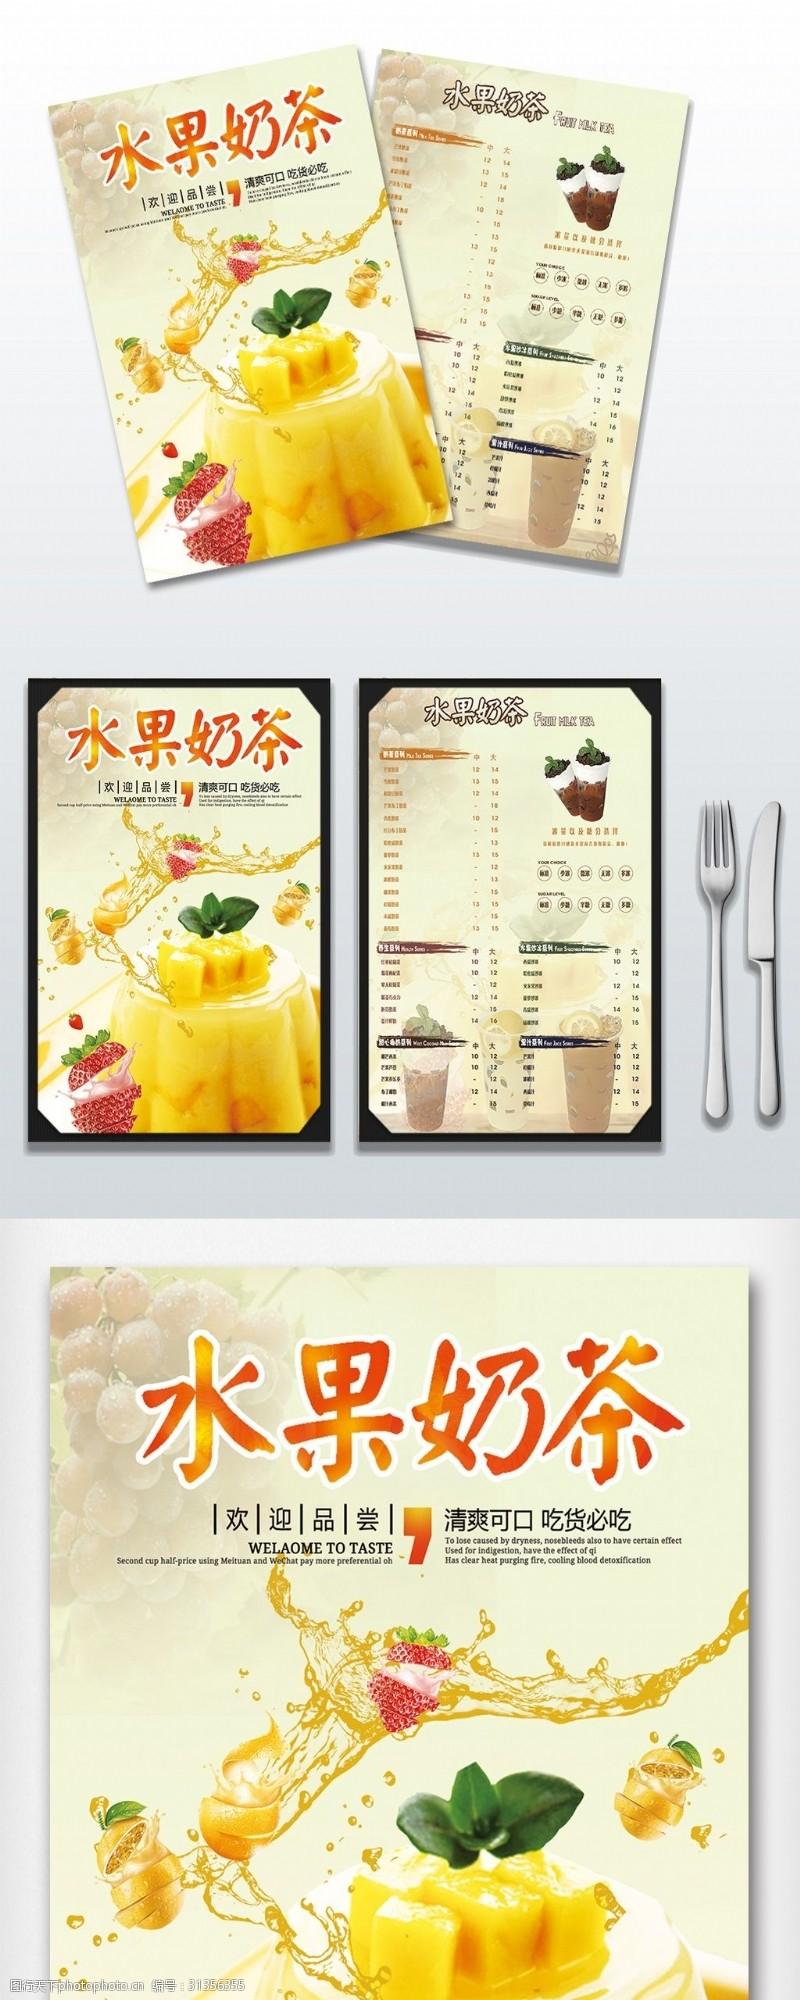 奶茶模板水果奶茶菜单模板设计